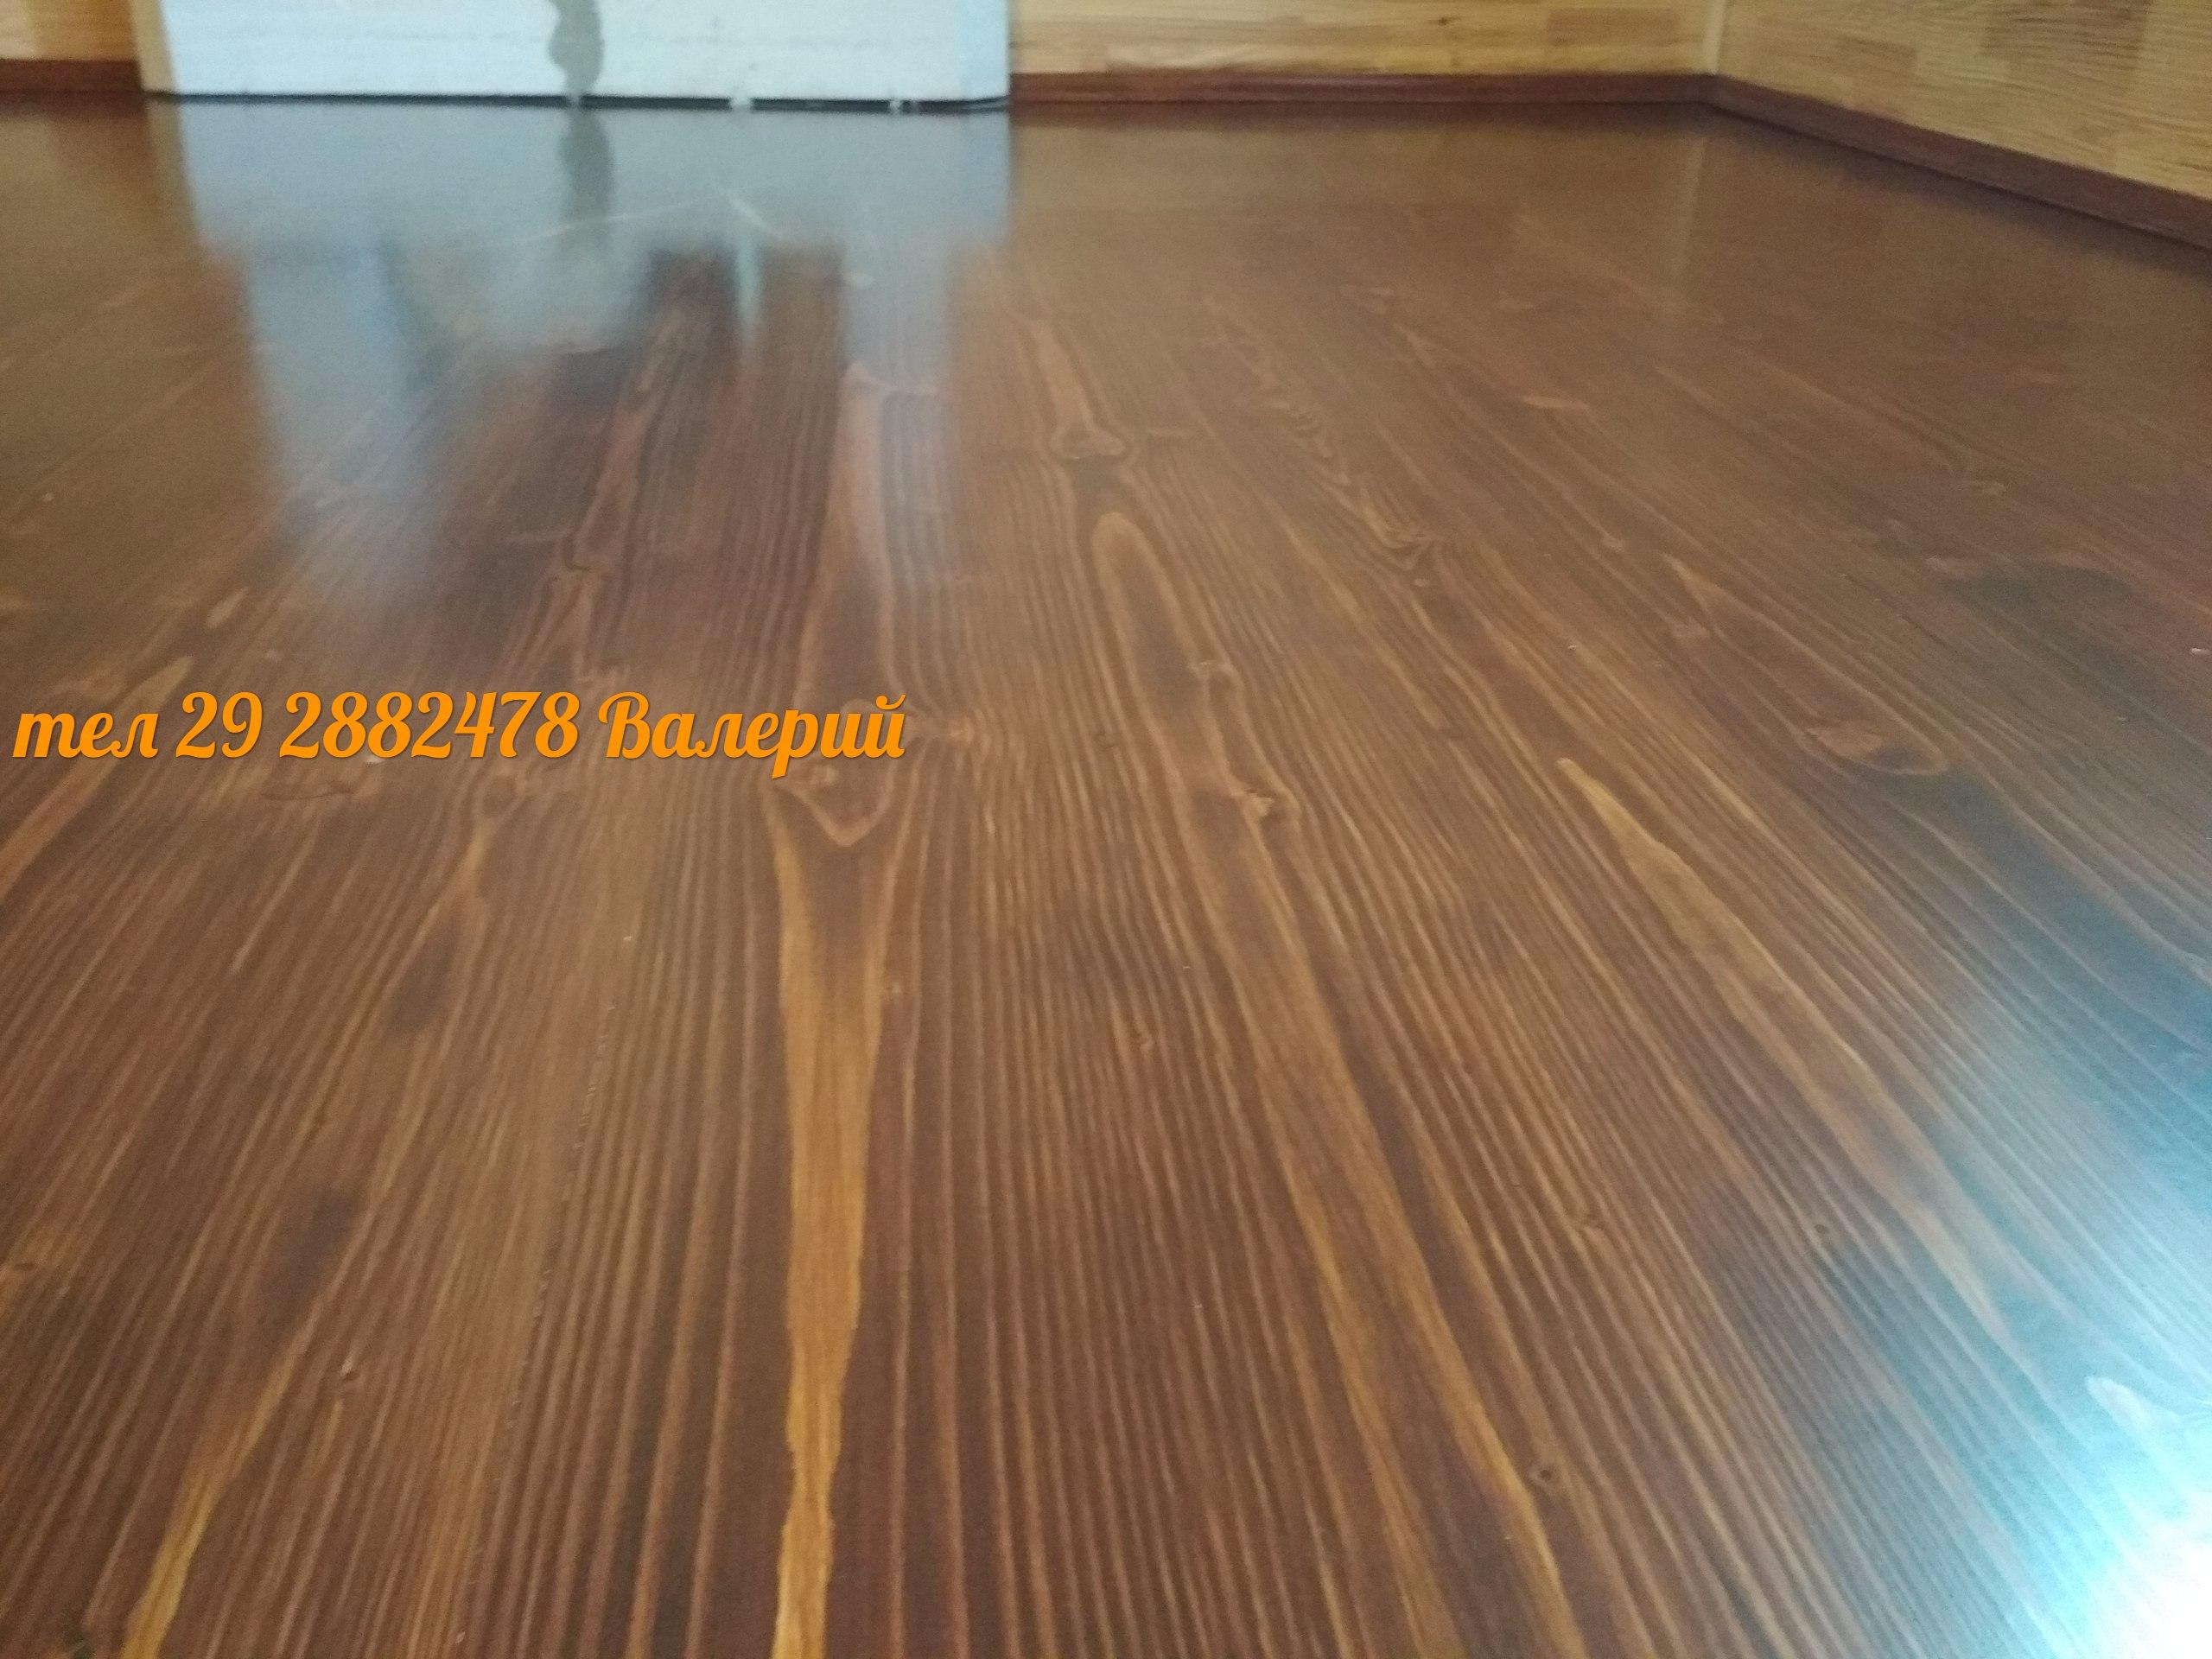 деревянный пол. цвет